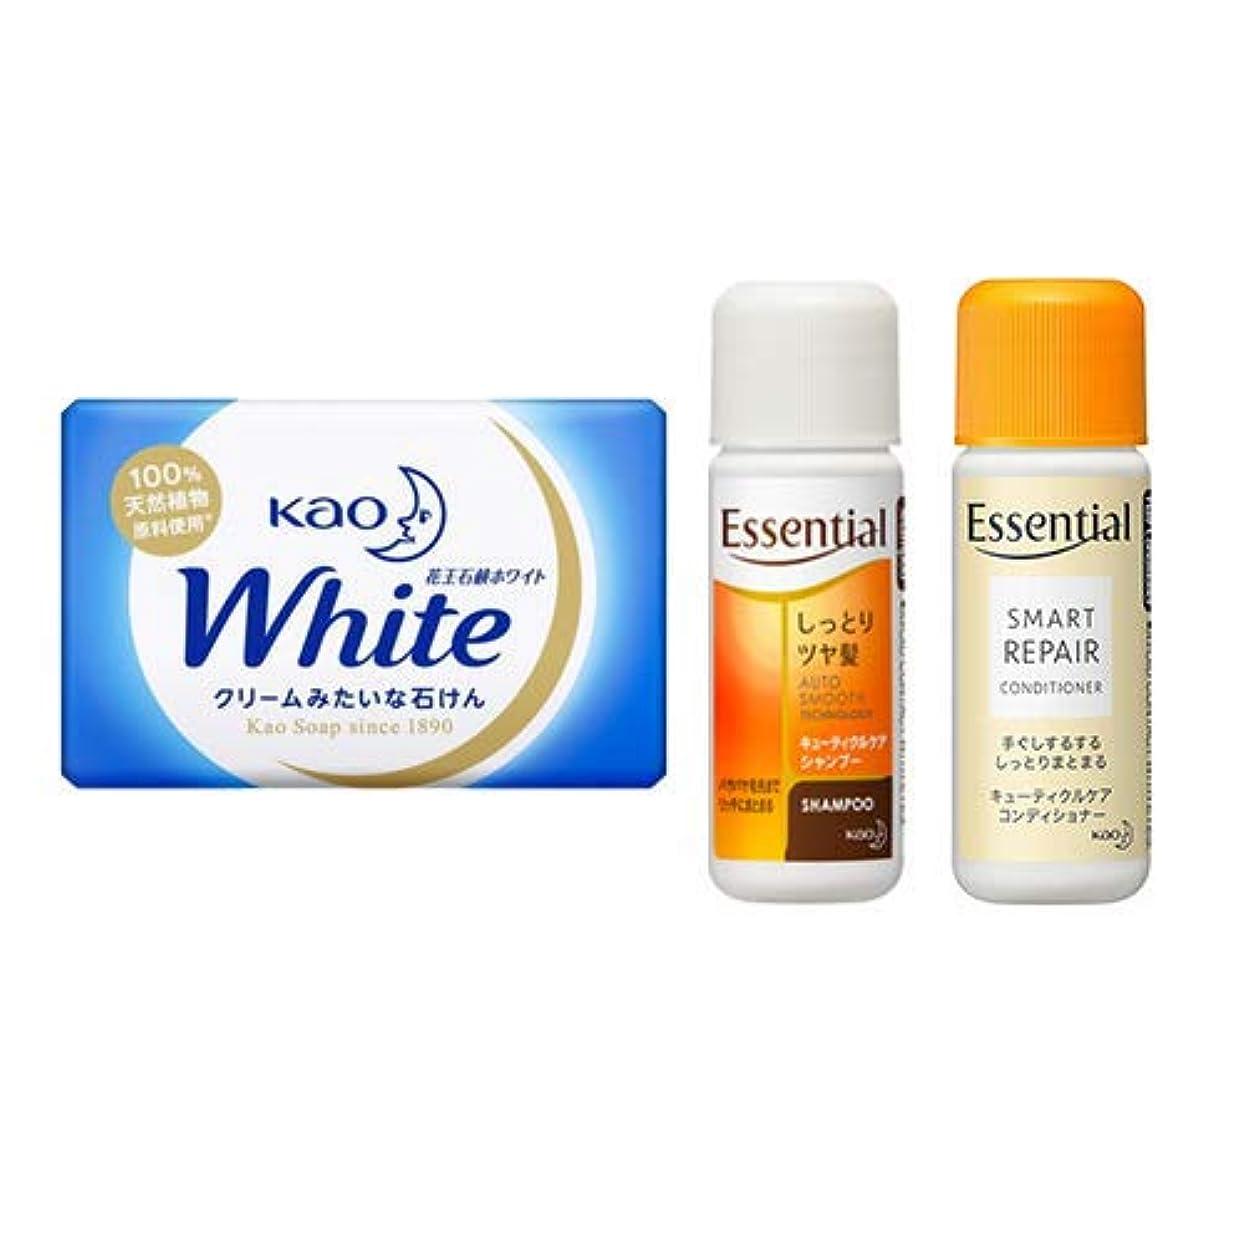 成長するパッケージバター花王(KAO) 石鹸ホワイト(Kao Soap White) 15g + エッセンシャルシャンプー 16ml + コンディショナー 16ml セット